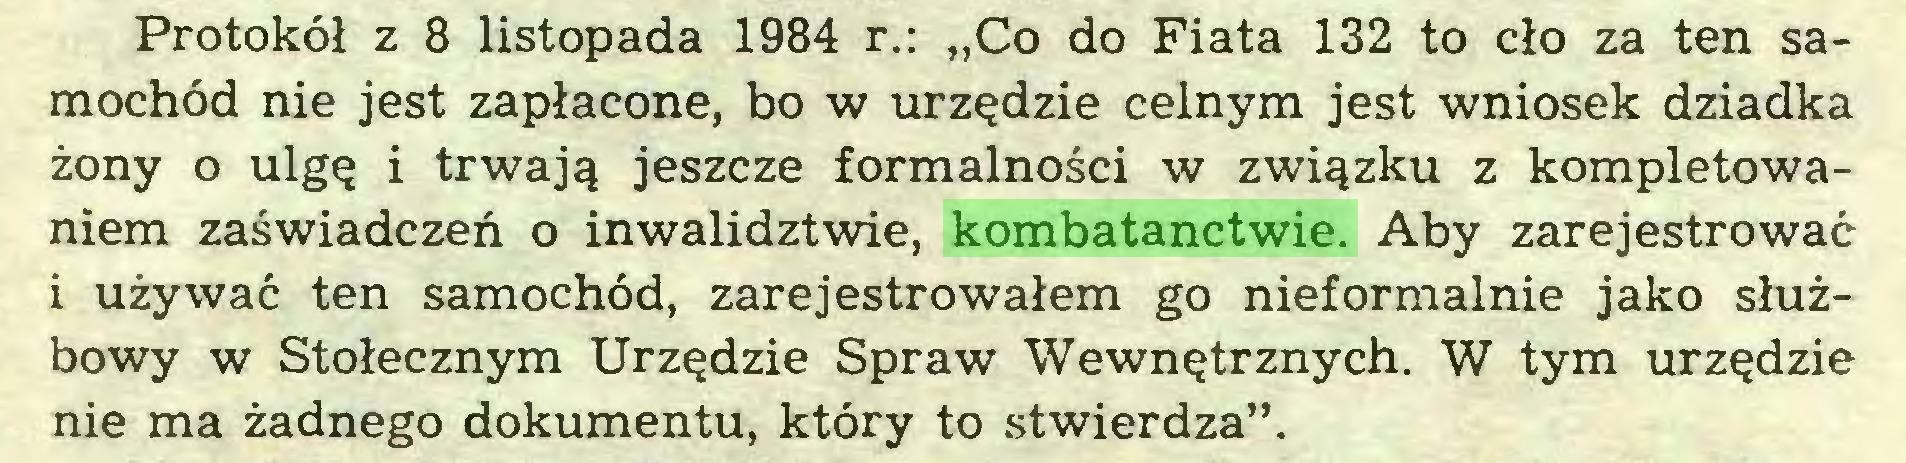 """(...) Protokół z 8 listopada 1984 r.: """"Co do Fiata 132 to cło za ten samochód nie jest zapłacone, bo w urzędzie celnym jest wniosek dziadka żony o ulgę i trwają jeszcze formalności w związku z kompletowaniem zaświadczeń o inwalidztwie, kombatanctwie. Aby zarejestrować i używać ten samochód, zarejestrowałem go nieformalnie jako służbowy w Stołecznym Urzędzie Spraw Wewnętrznych. W tym urzędzie nie ma żadnego dokumentu, który to stwierdza""""..."""